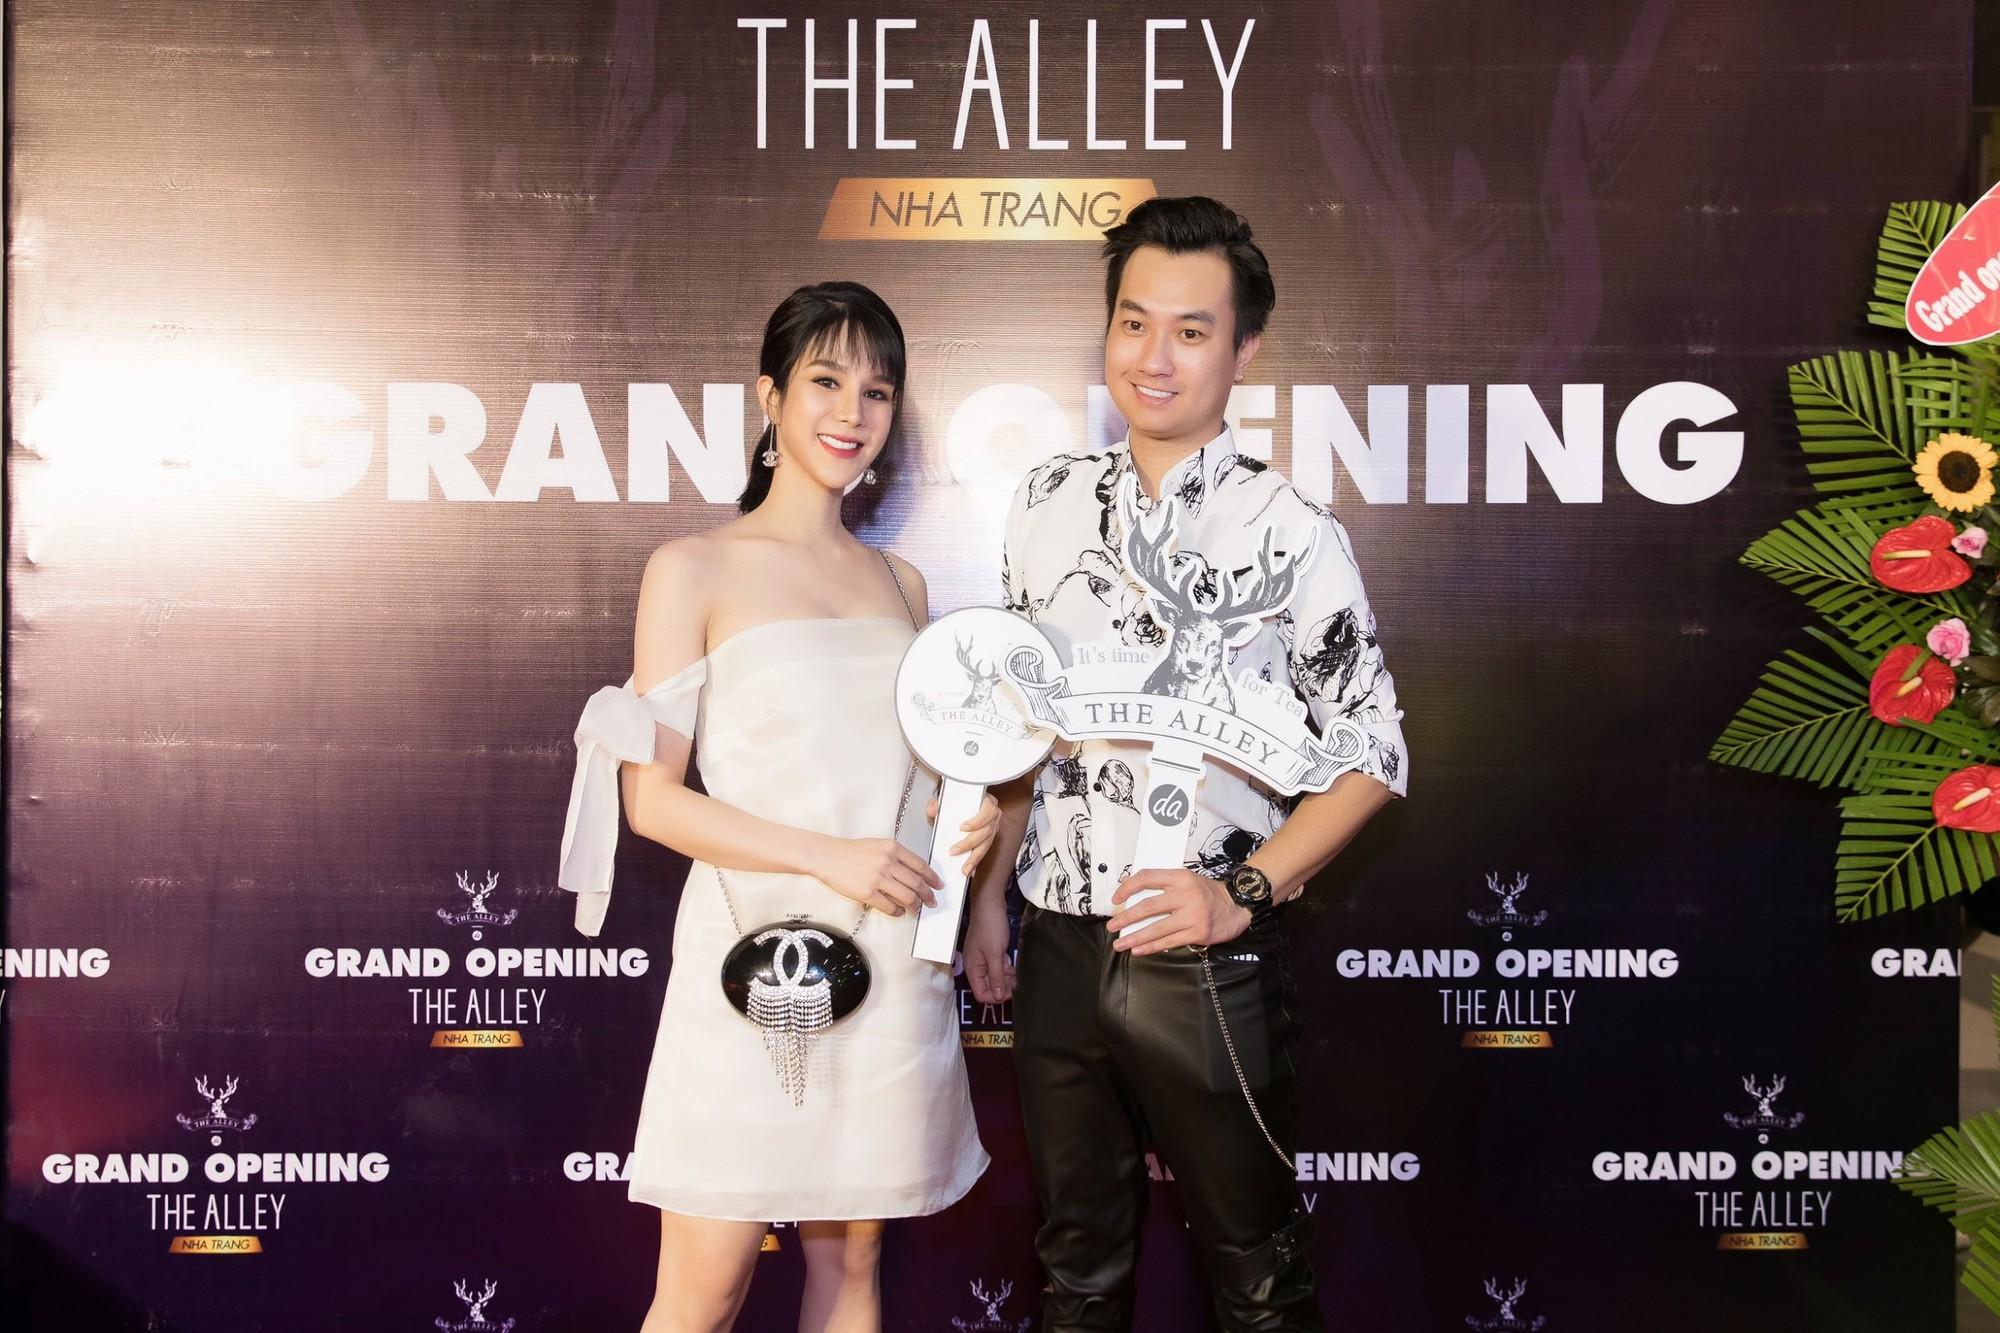 Bà bầu Diệp Lâm Anh tươi tắn đọ sắc với Chi Pu tại sự kiện khai trương The Alley Nha Trang - Ảnh 8.